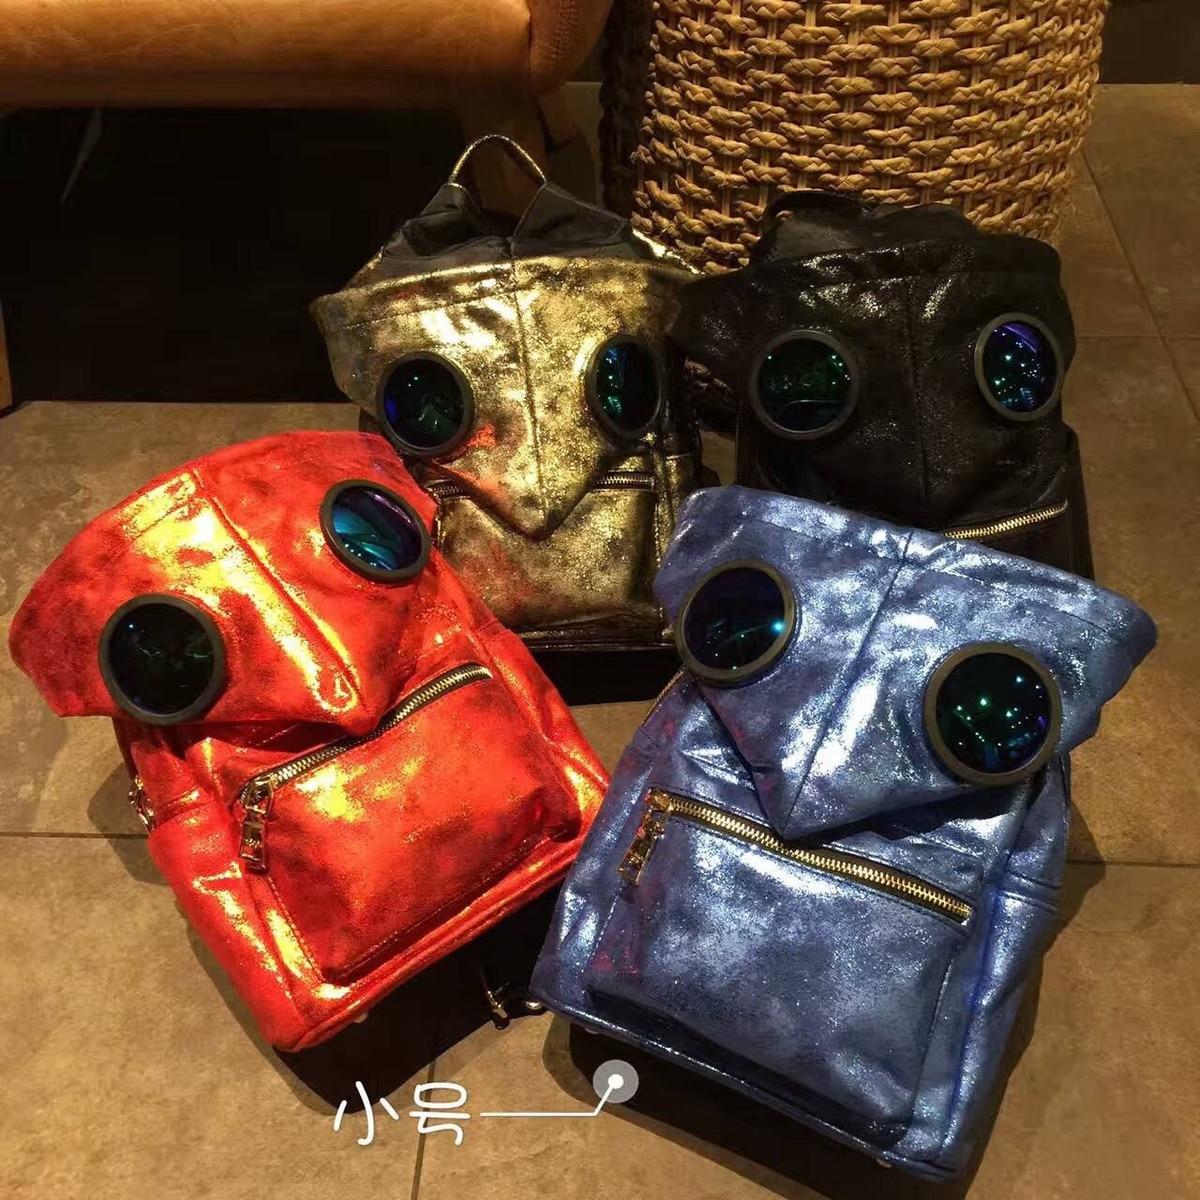 Sac À Dos en cuir Mochilas Mochila Escolar Han Guodong Portes lunettes de Soleil Avec Coloré Chapeau Sac À Dos Fashionista Couple Voyage Sac